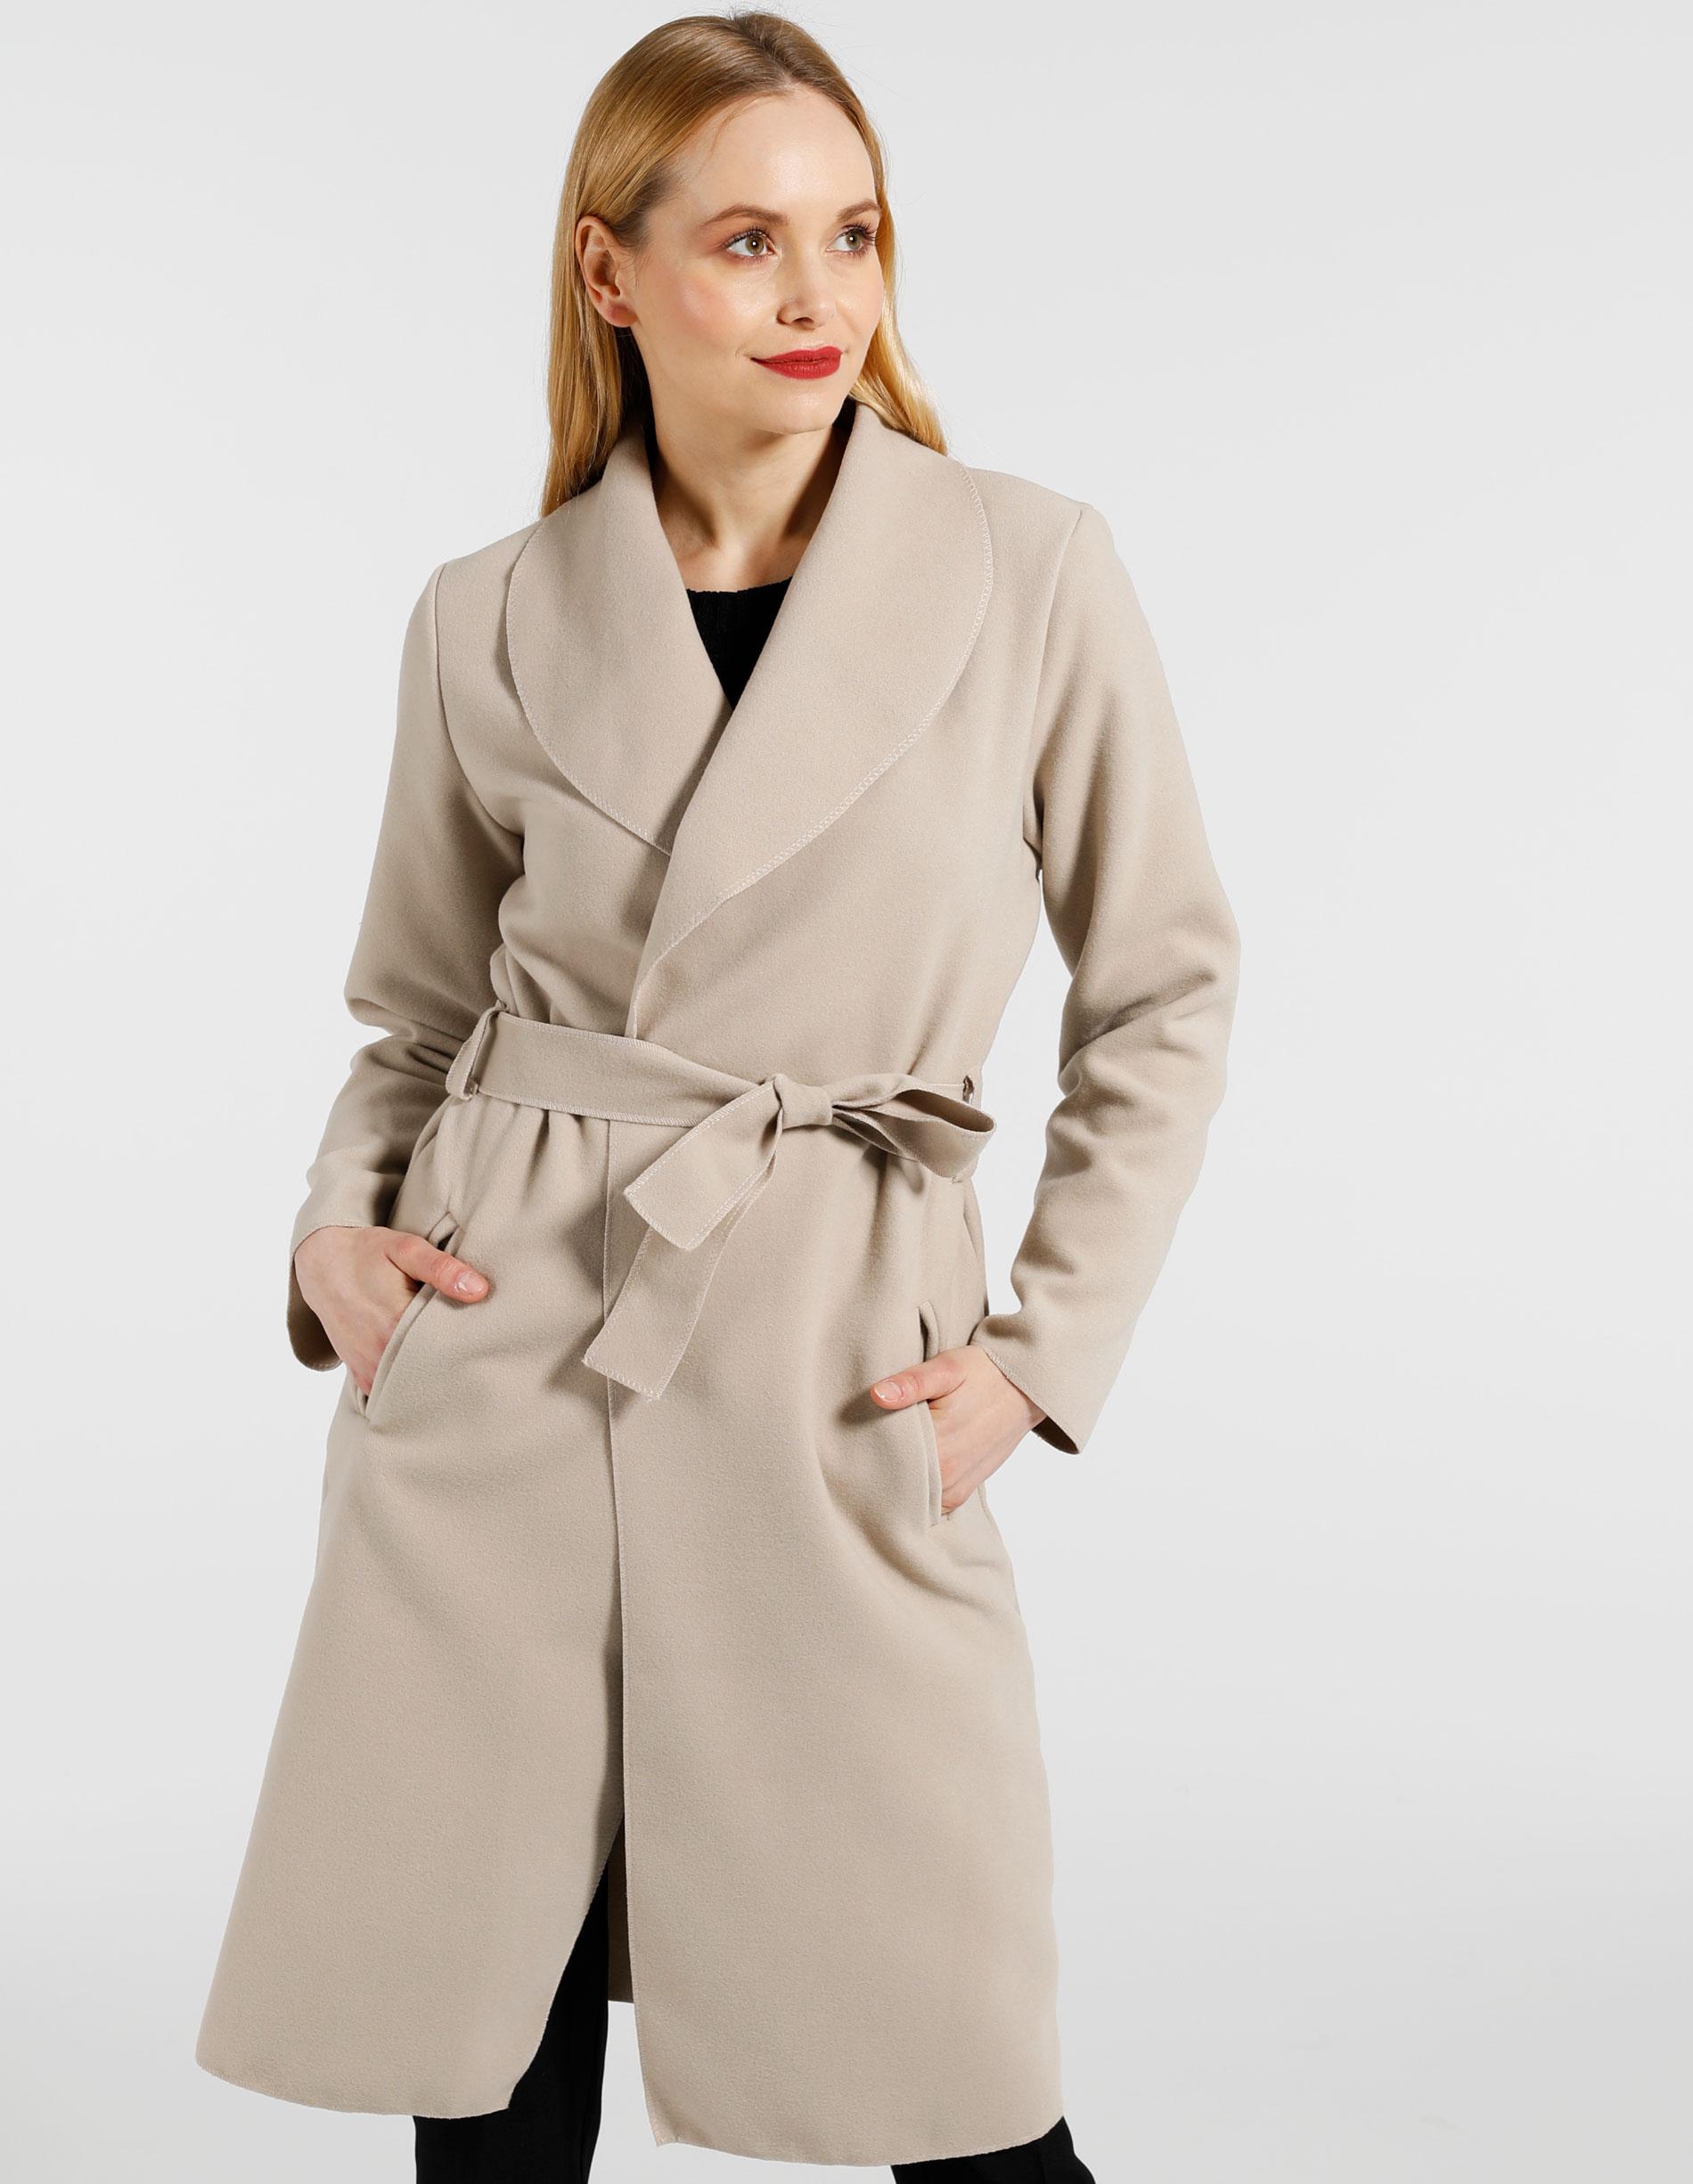 Płaszcz materiałowy - 65-6168A BEIG - Unisono